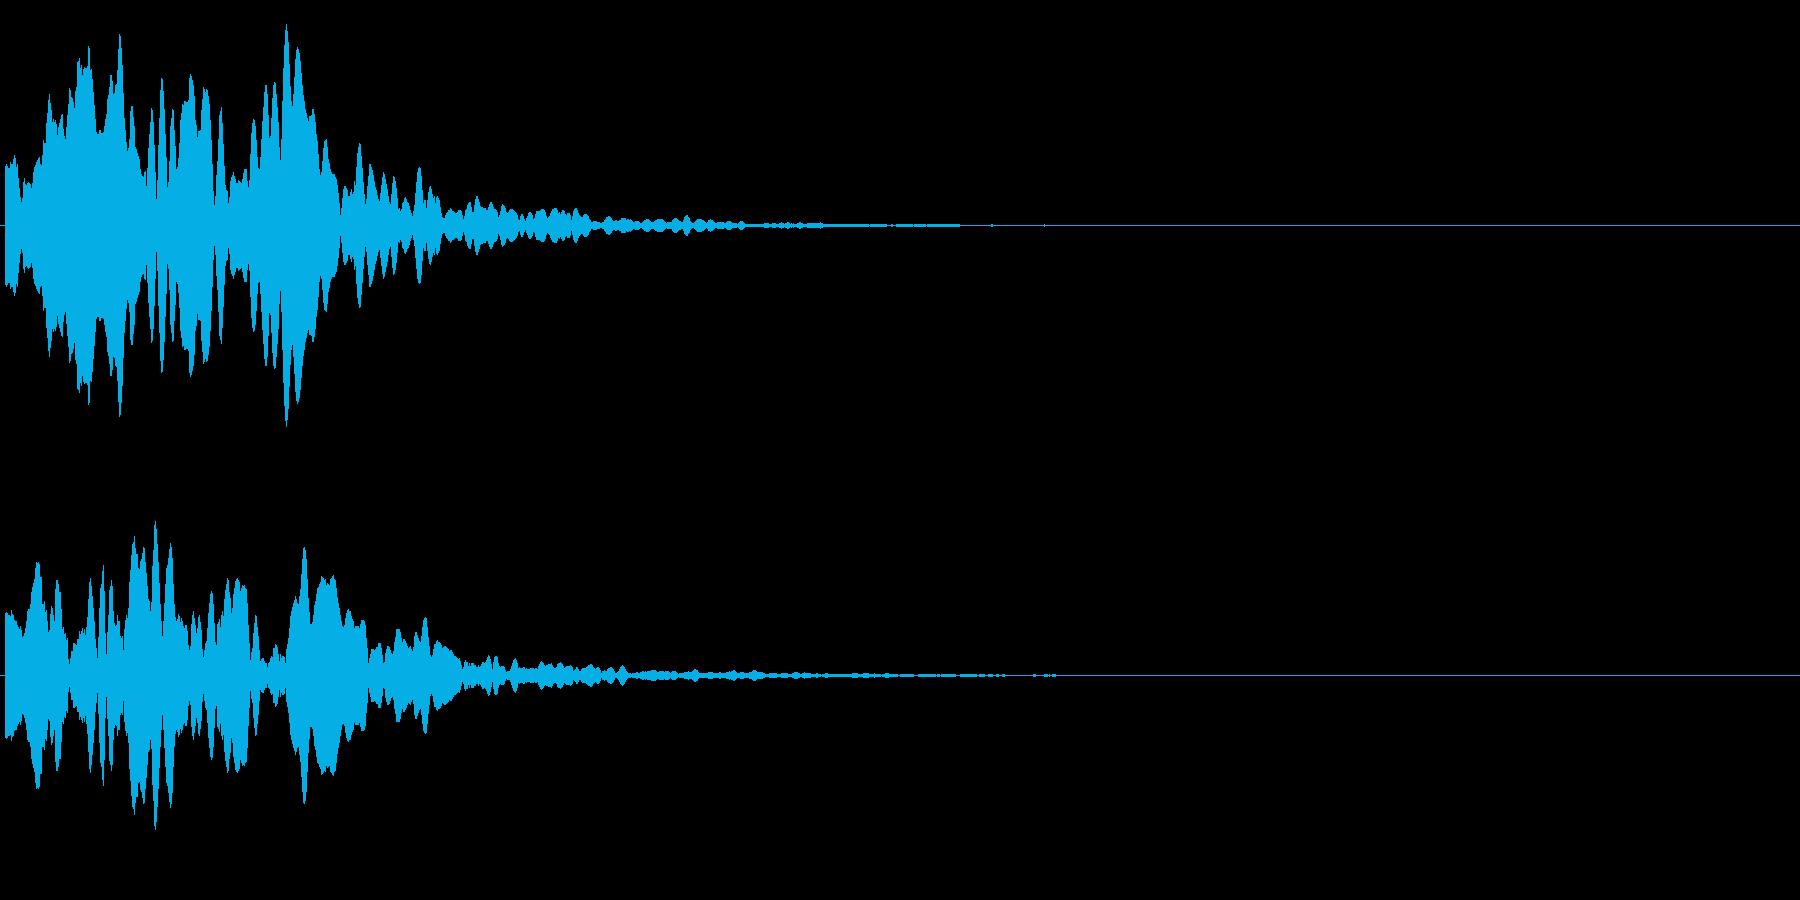 ゲームスタート、決定、ボタン音-129の再生済みの波形